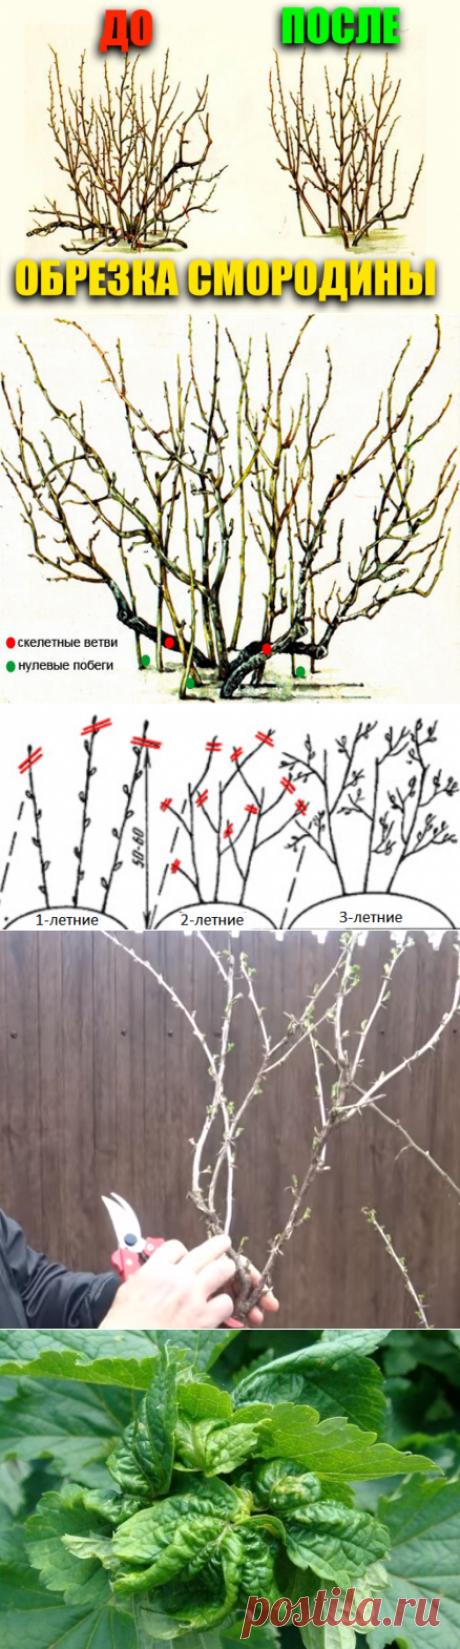 Обрезка смородины и крыжовника весной: схемы, картинки | уДачный проект | Яндекс Дзен